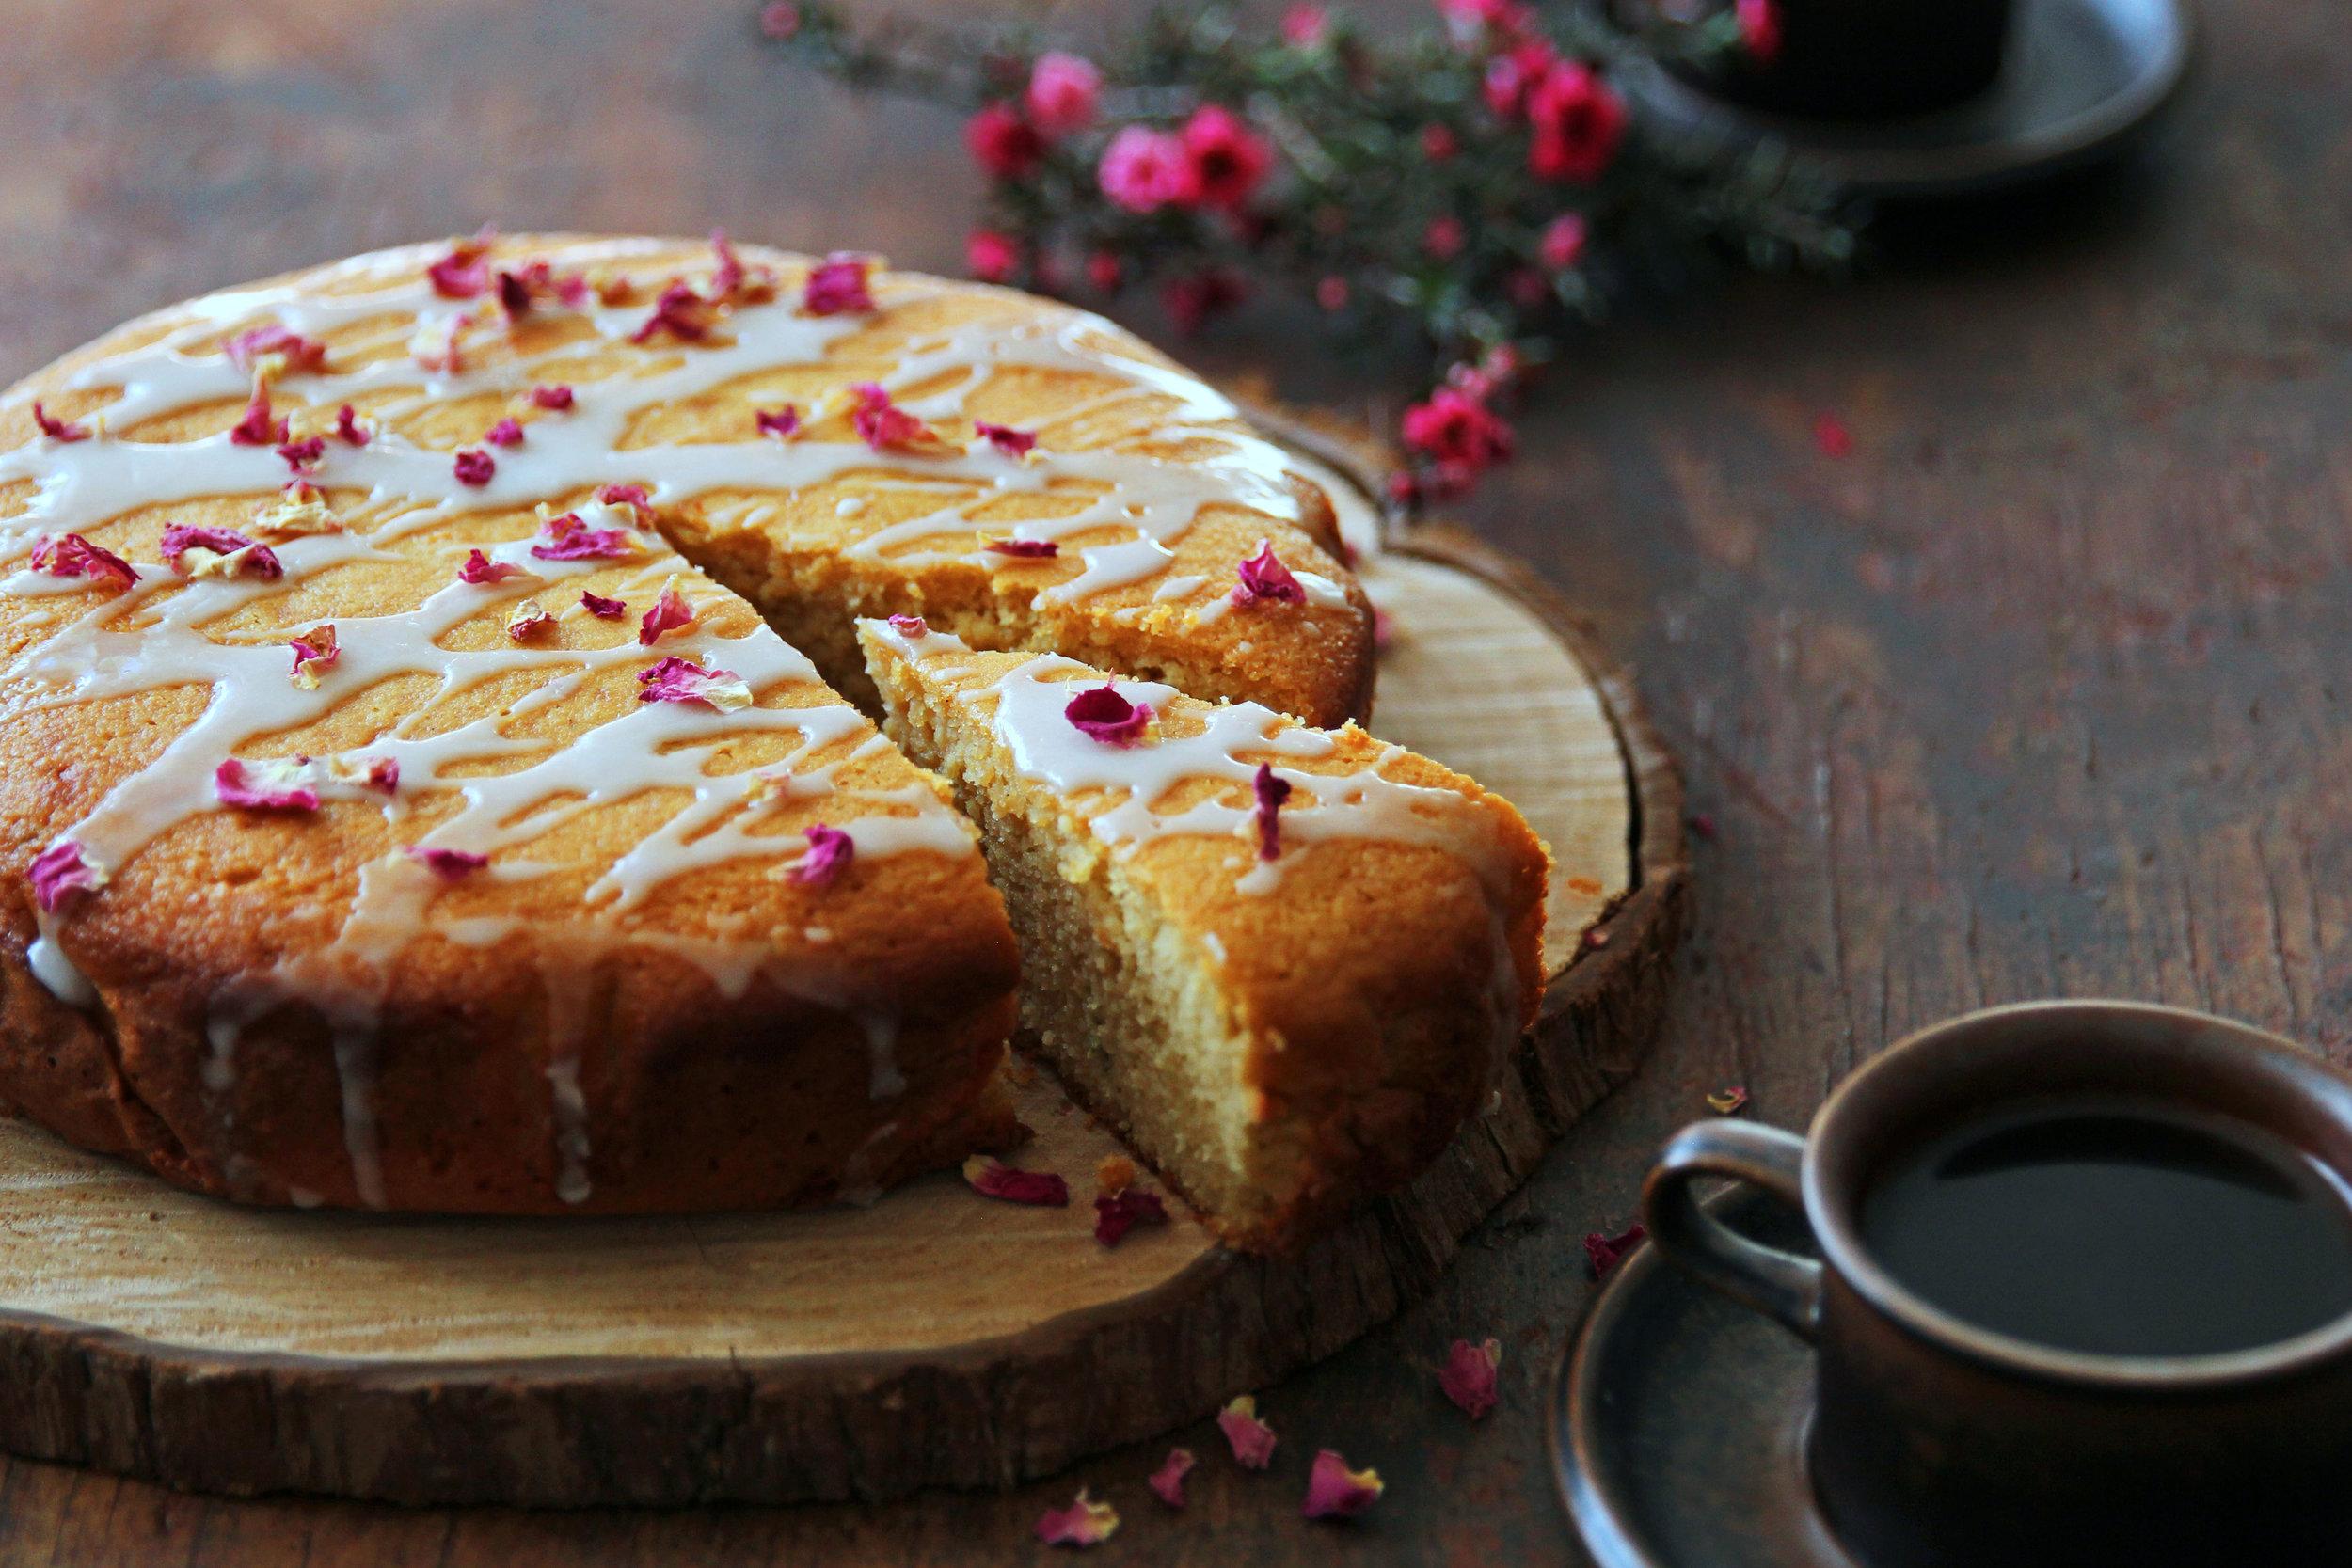 Borges_Olive oil lemon rosemary honey yohurt cake5.jpg